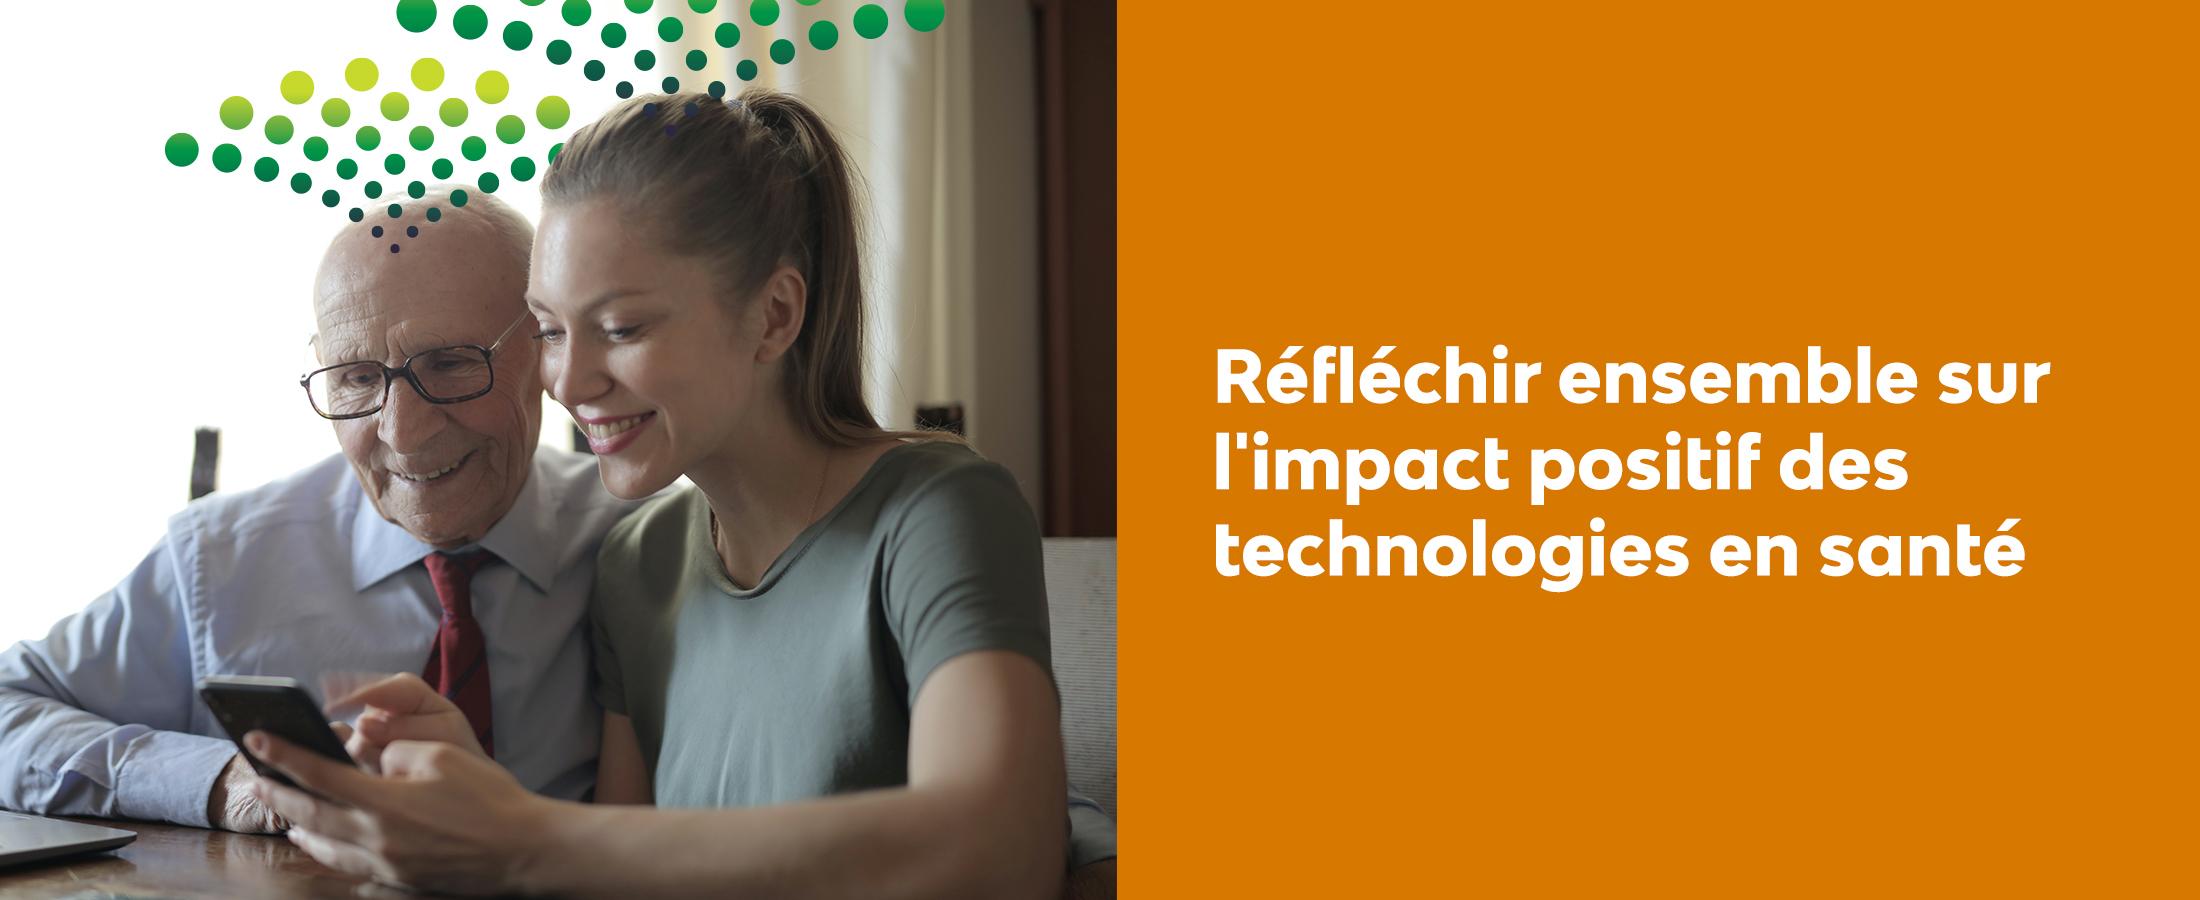 Réfléchir ensemble sur l'impact positif des technologies en santé